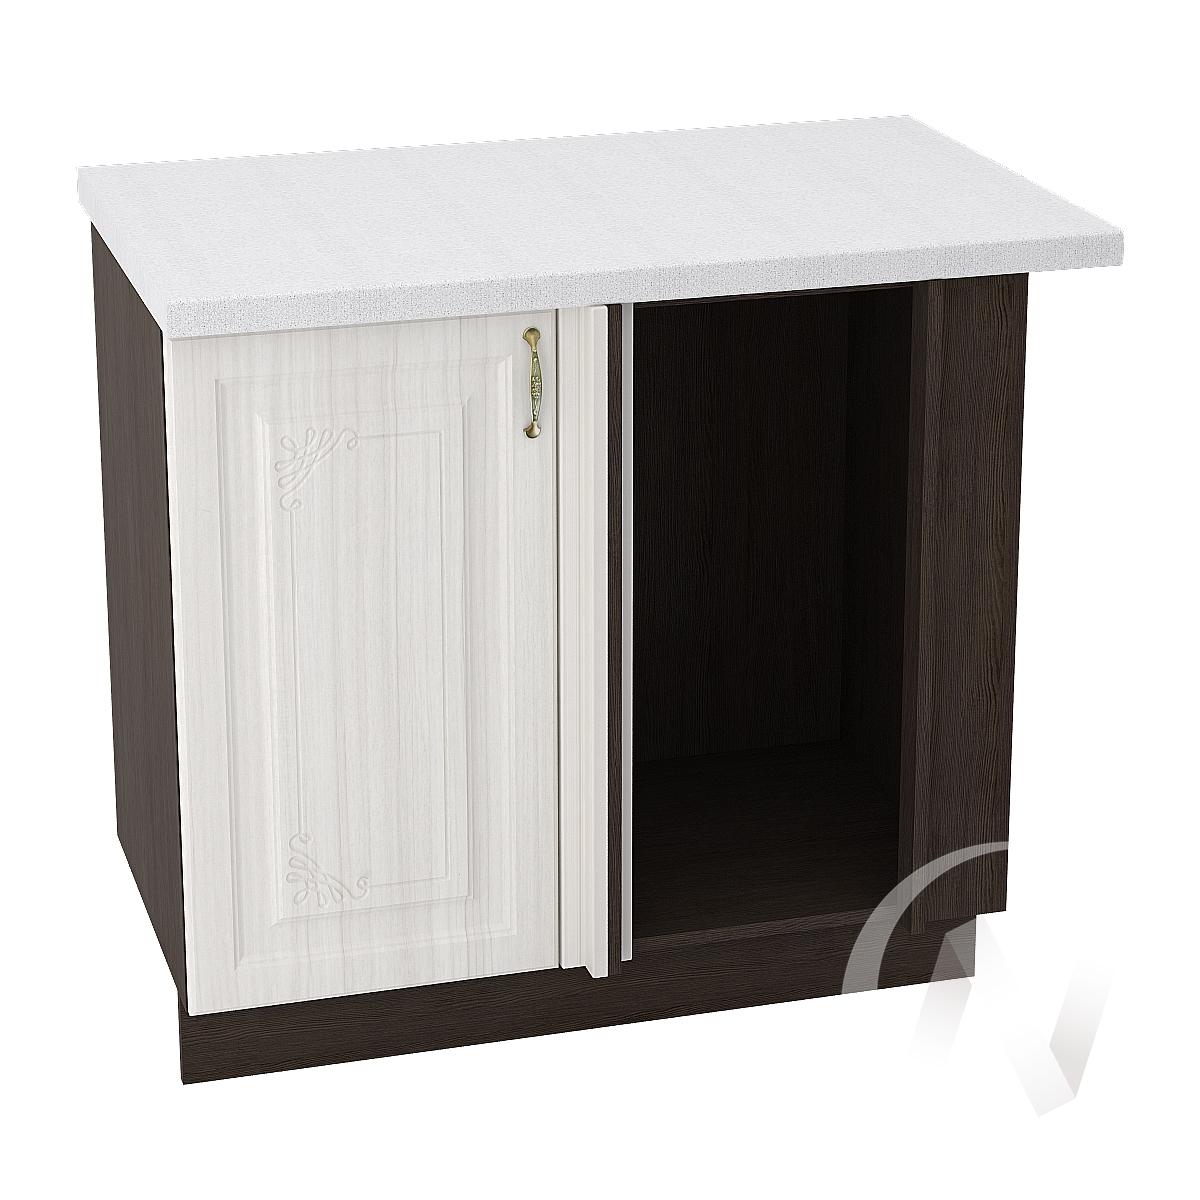 """Кухня """"Виктория"""": Шкаф нижний угловой 990М, ШНУ 990М (корпус венге)"""